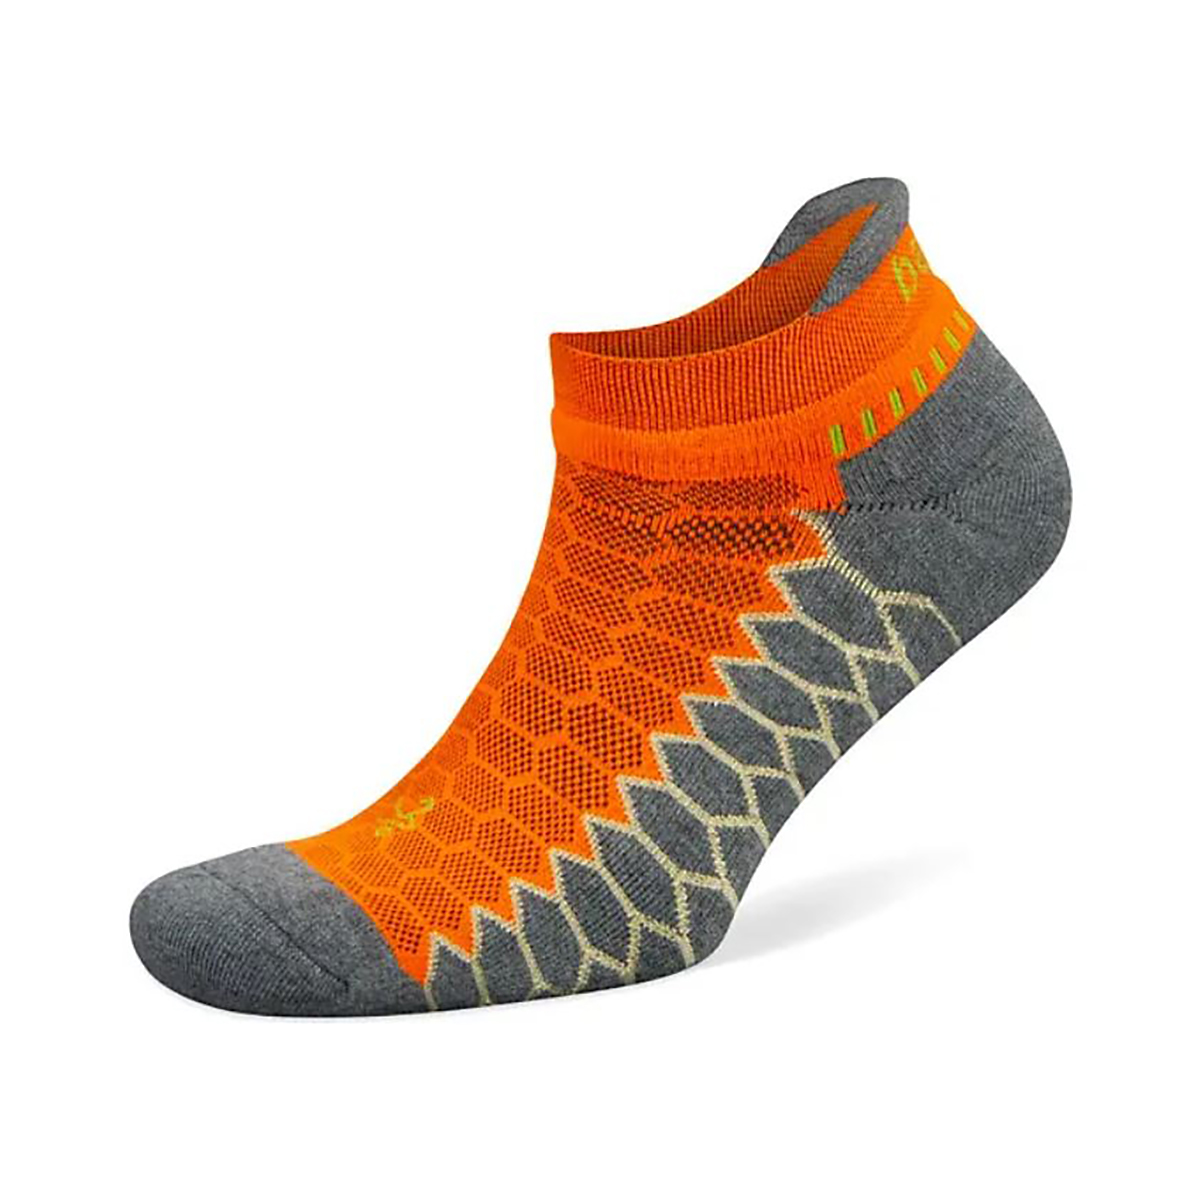 Unisex Balega Silver No Show Socks - Color: Neon Orange/Grey Heather Size: S, Orange, large, image 1